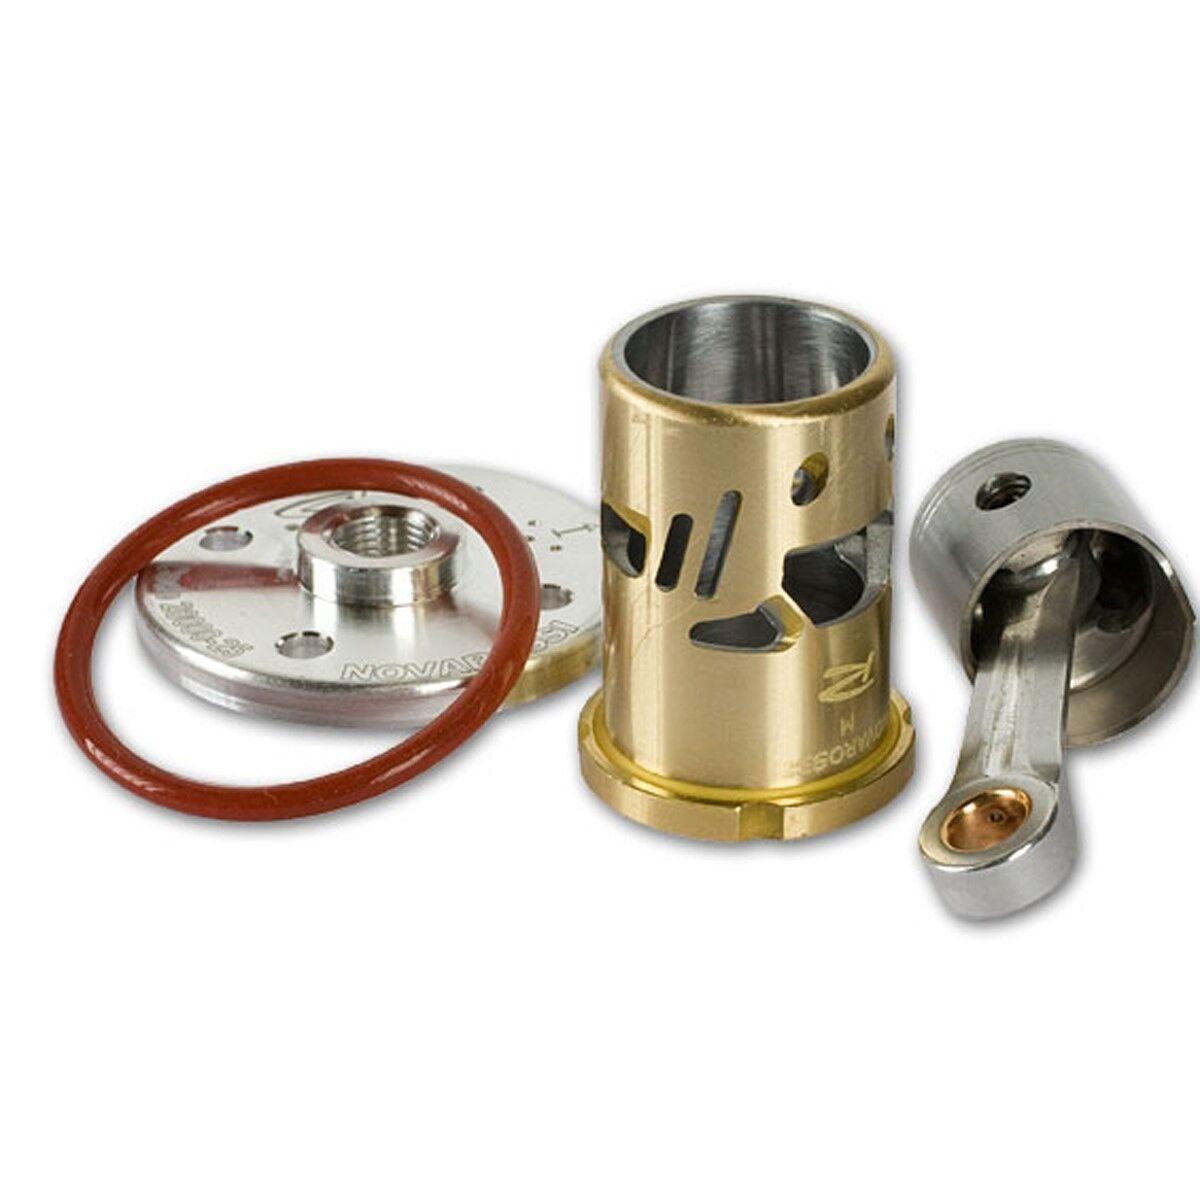 migliore qualità Novarossi Novarossi Novarossi completare Coupling 3.5cc 9P lungo Stroke CNC Piston 08500-17 (P S R)  economico in alta qualità